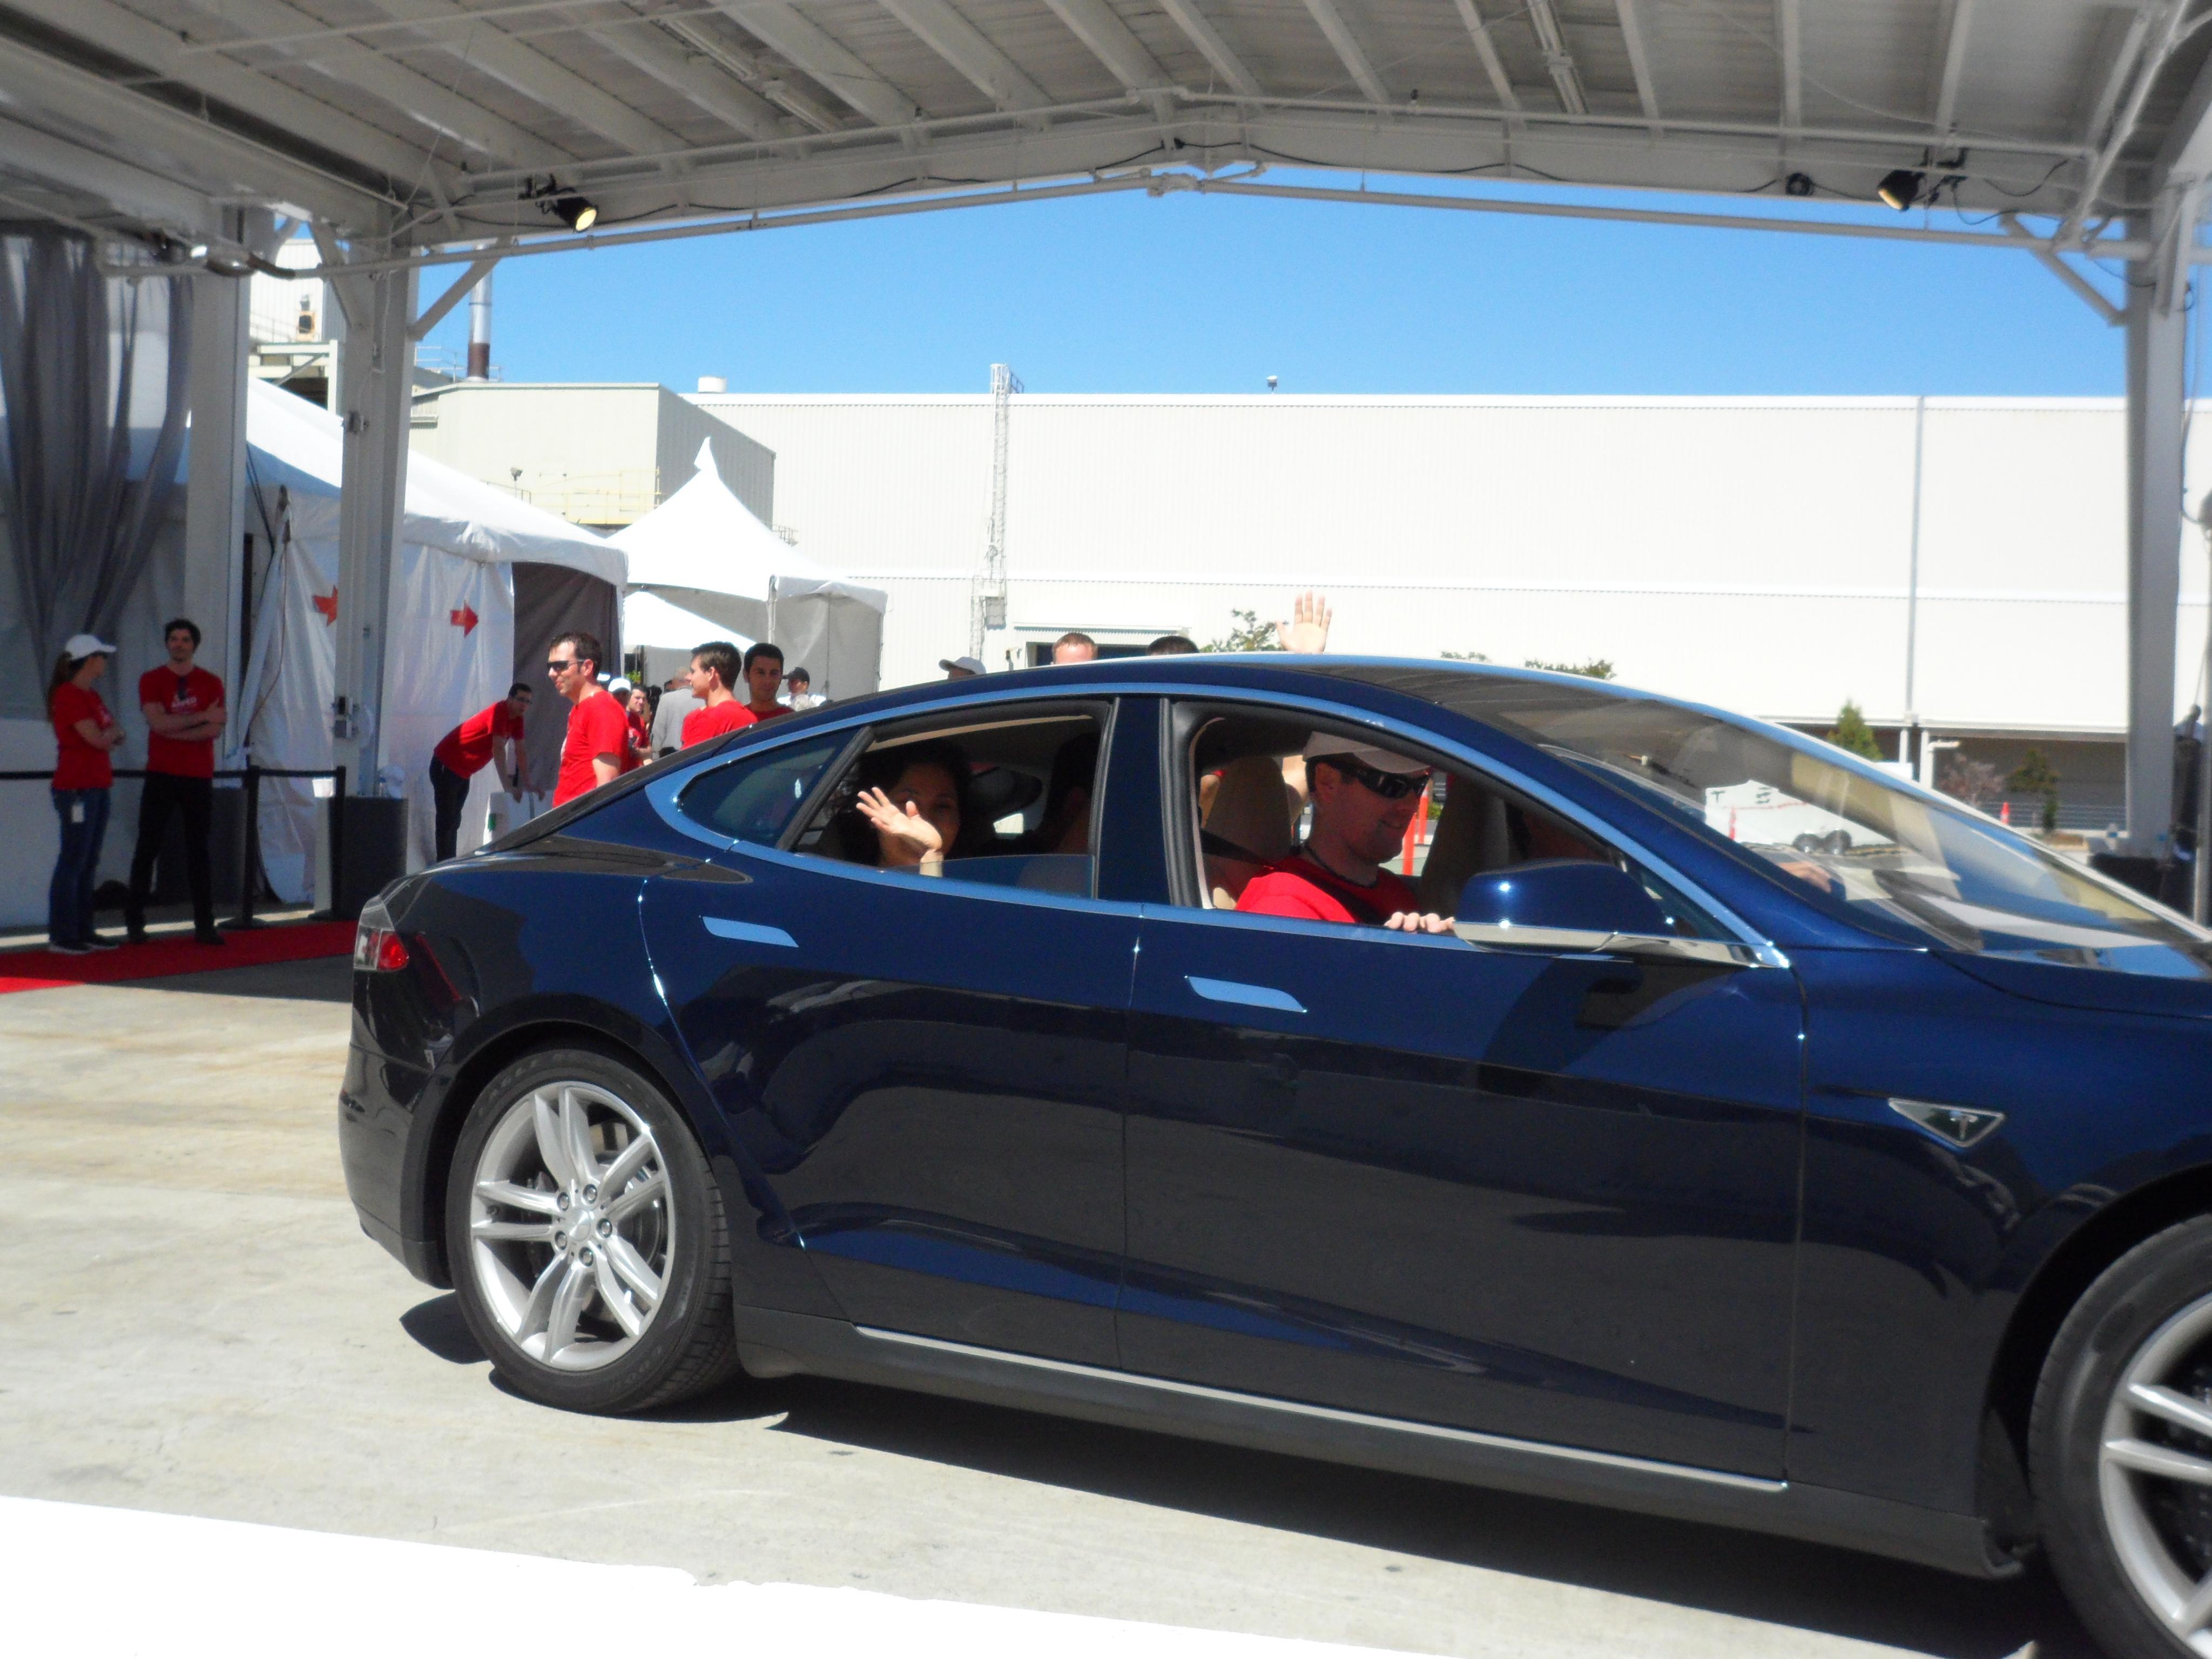 Tesla Model S Test Drive 6-23-12 056.jpg